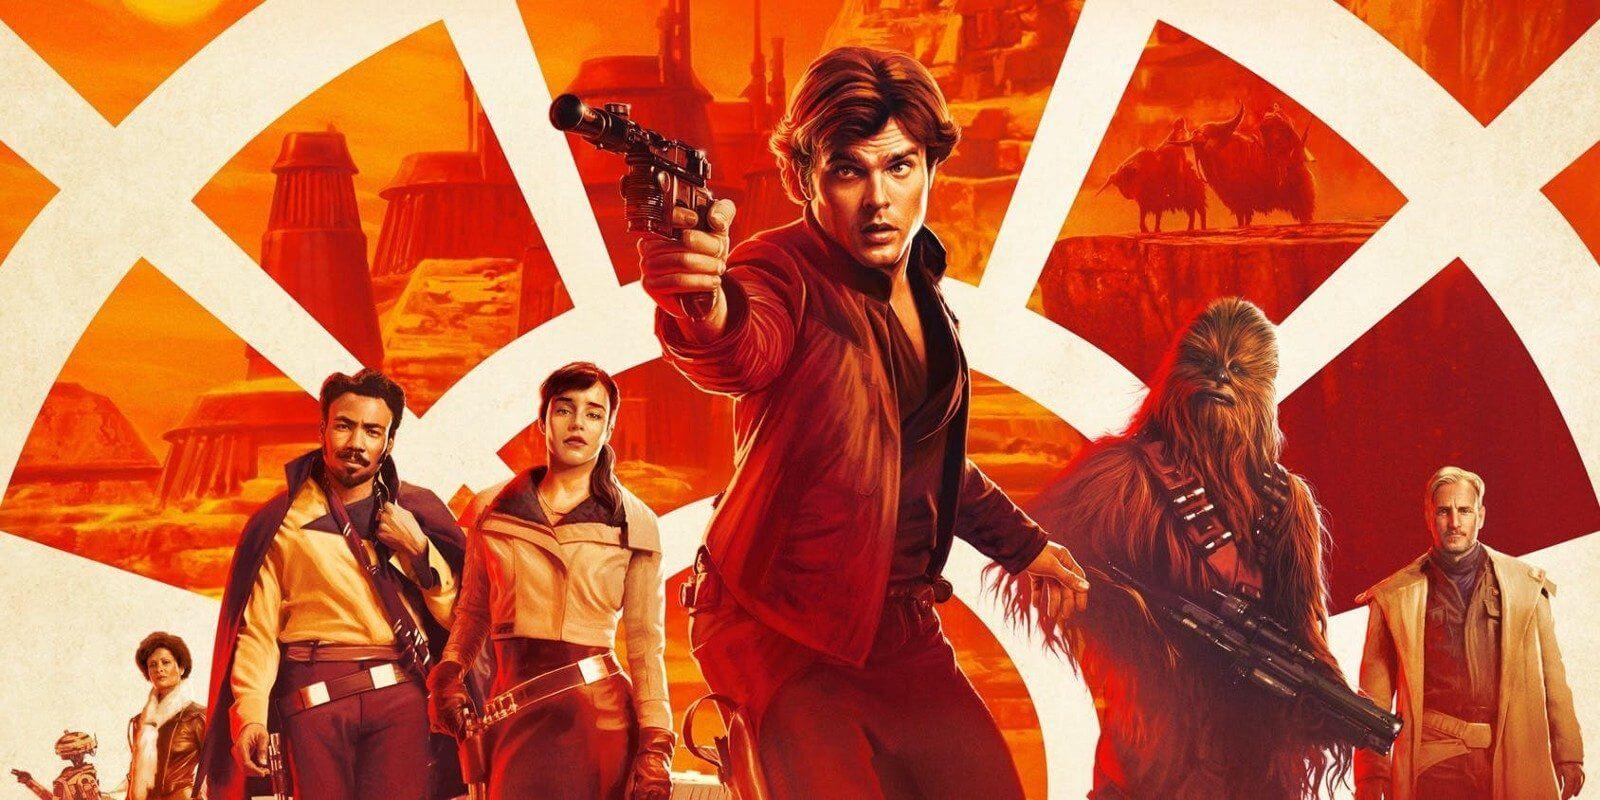 Crítica: Han Solo: Uma História Star Wars é um filme nada obrigatório da franquia